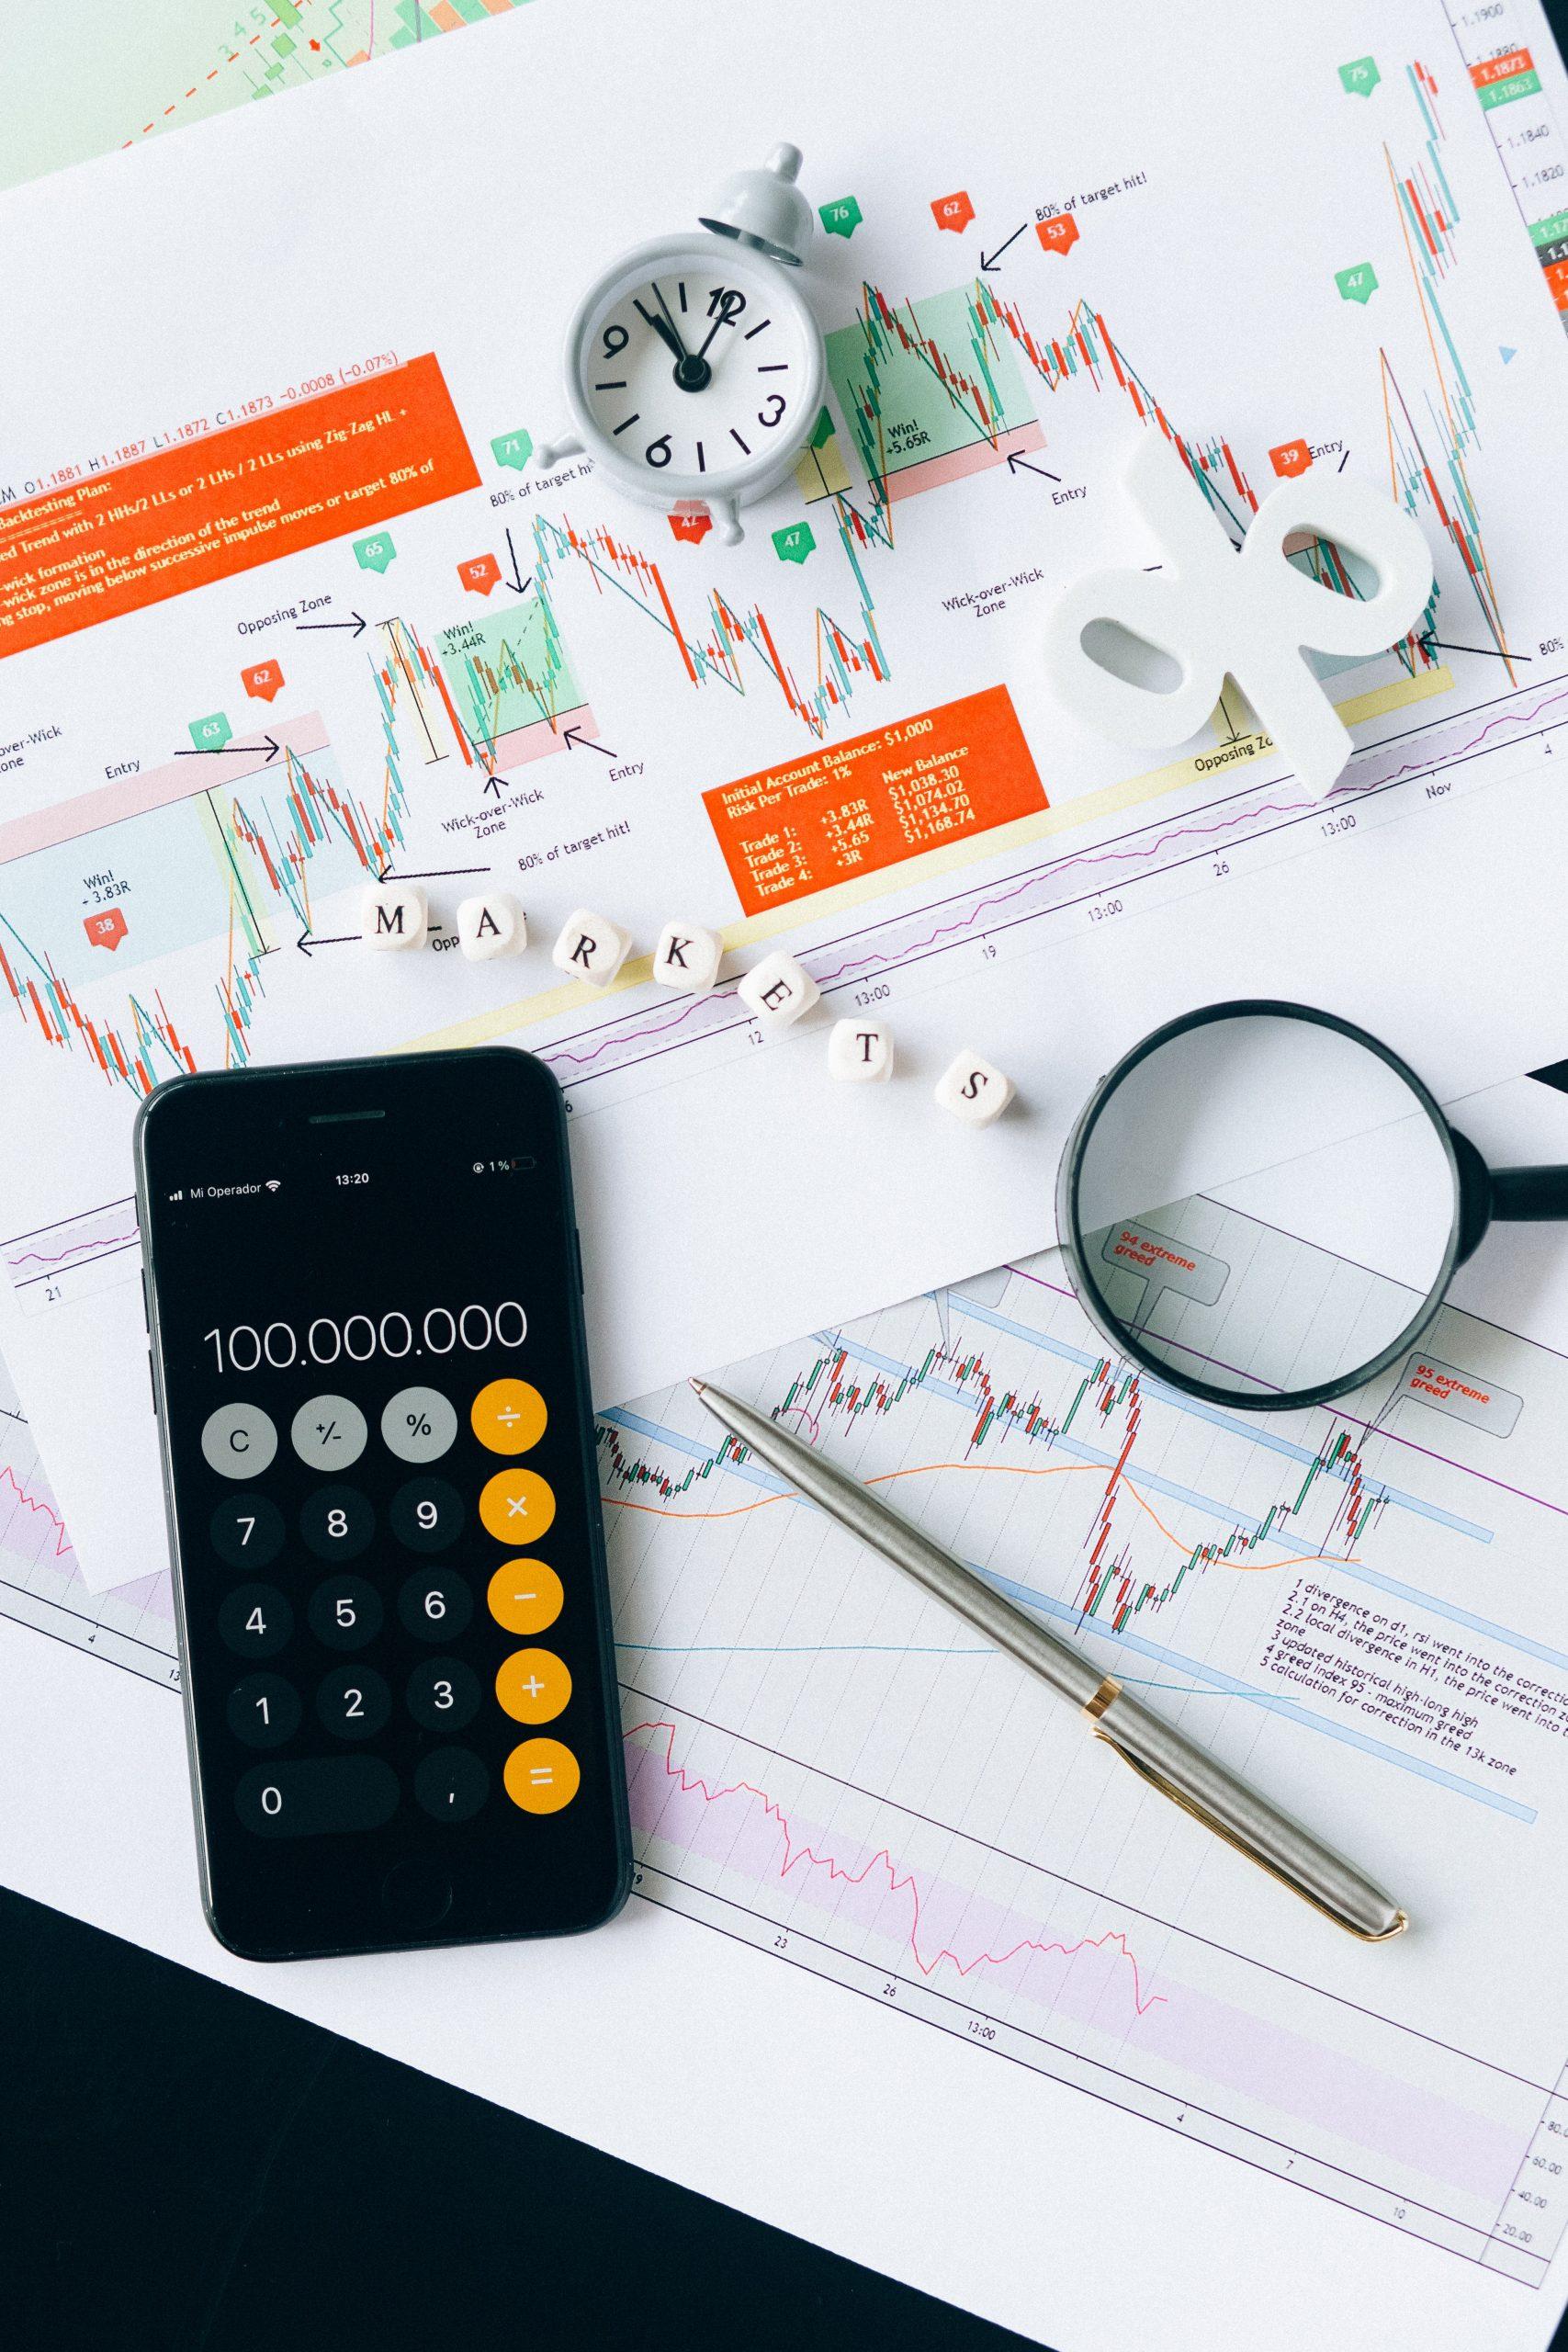 como investir em imóveis em 2022?